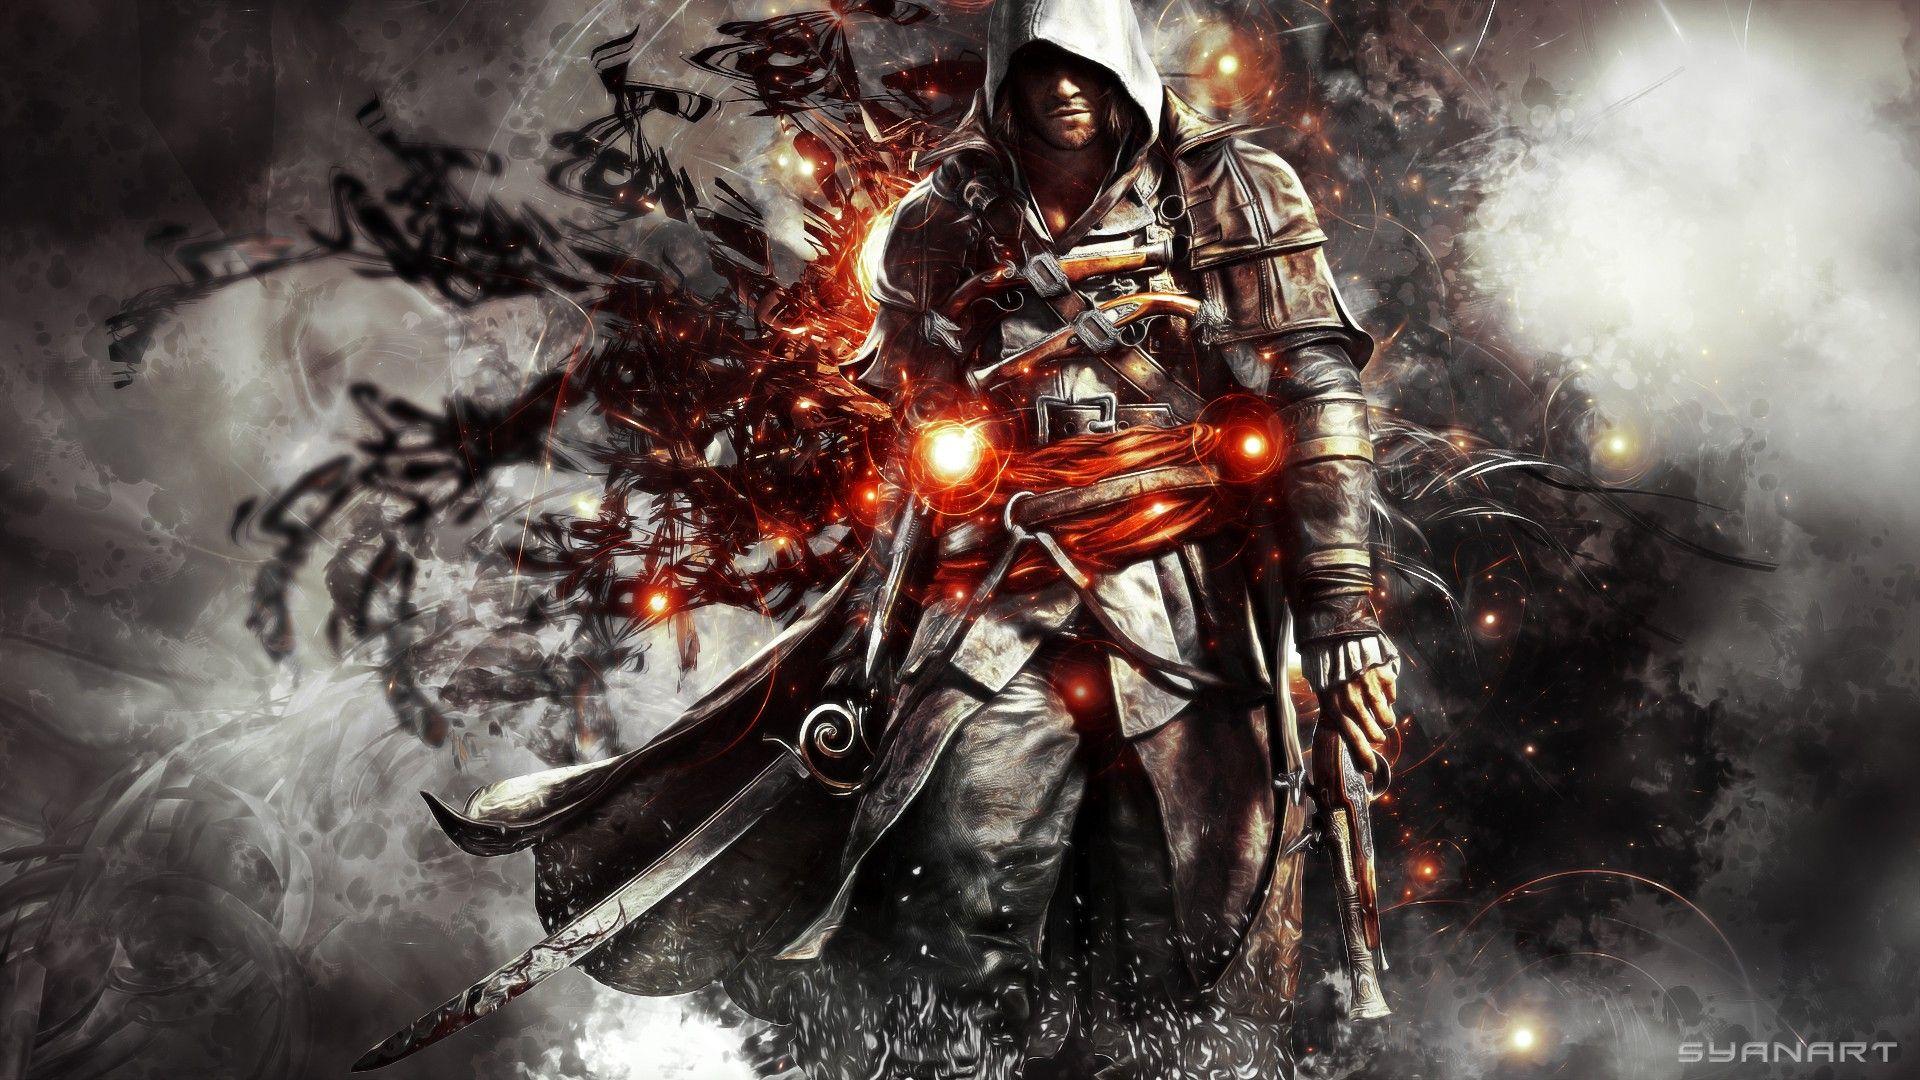 assassin creed wallpaper